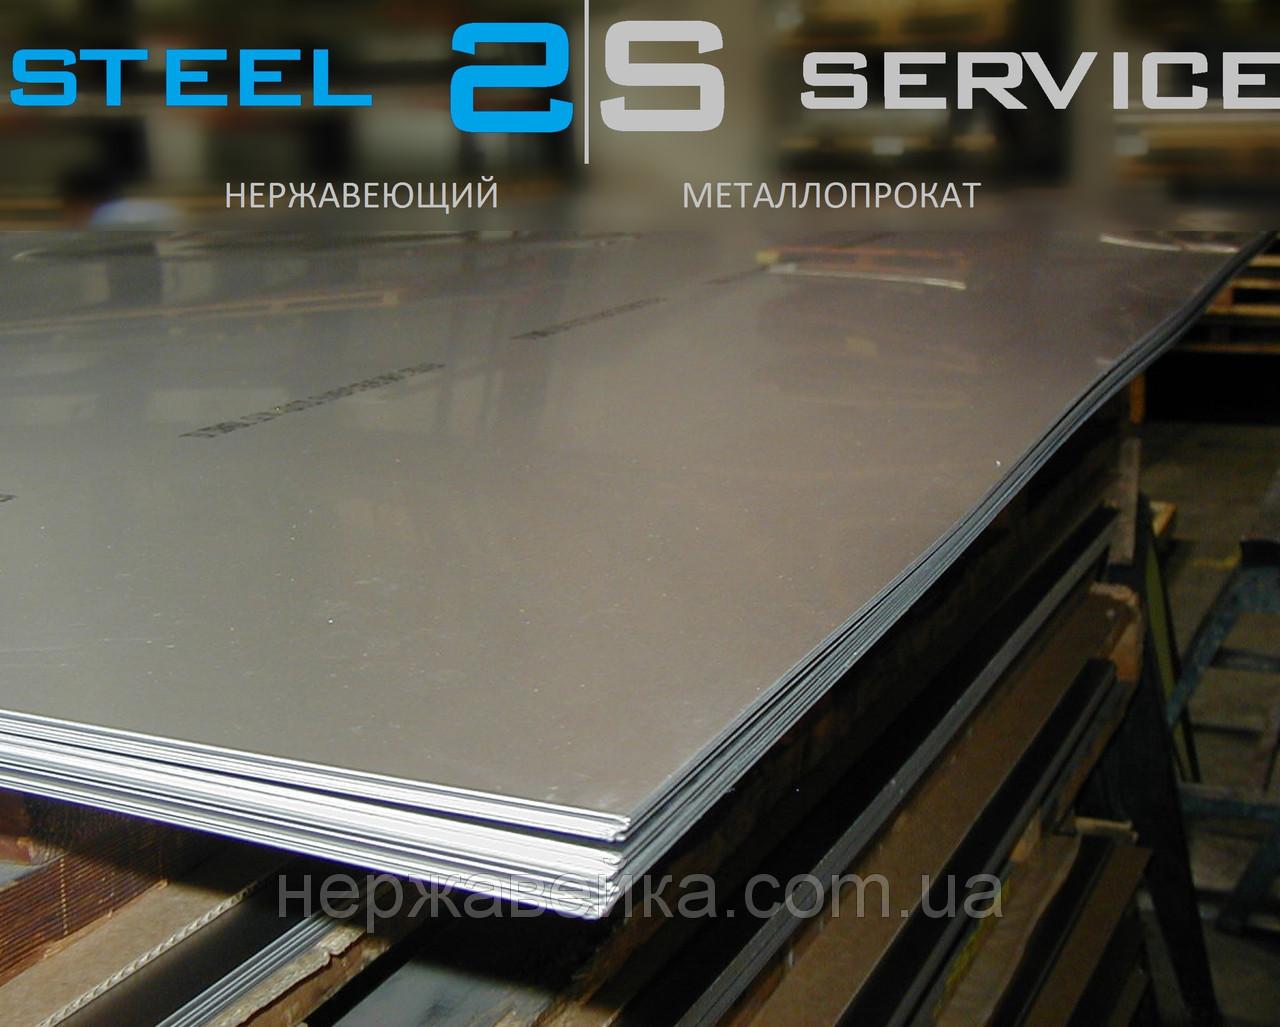 Нержавеющий лист 12х1500х3000мм AISI 410S(08Х13) F1 - горячекатанный, технический